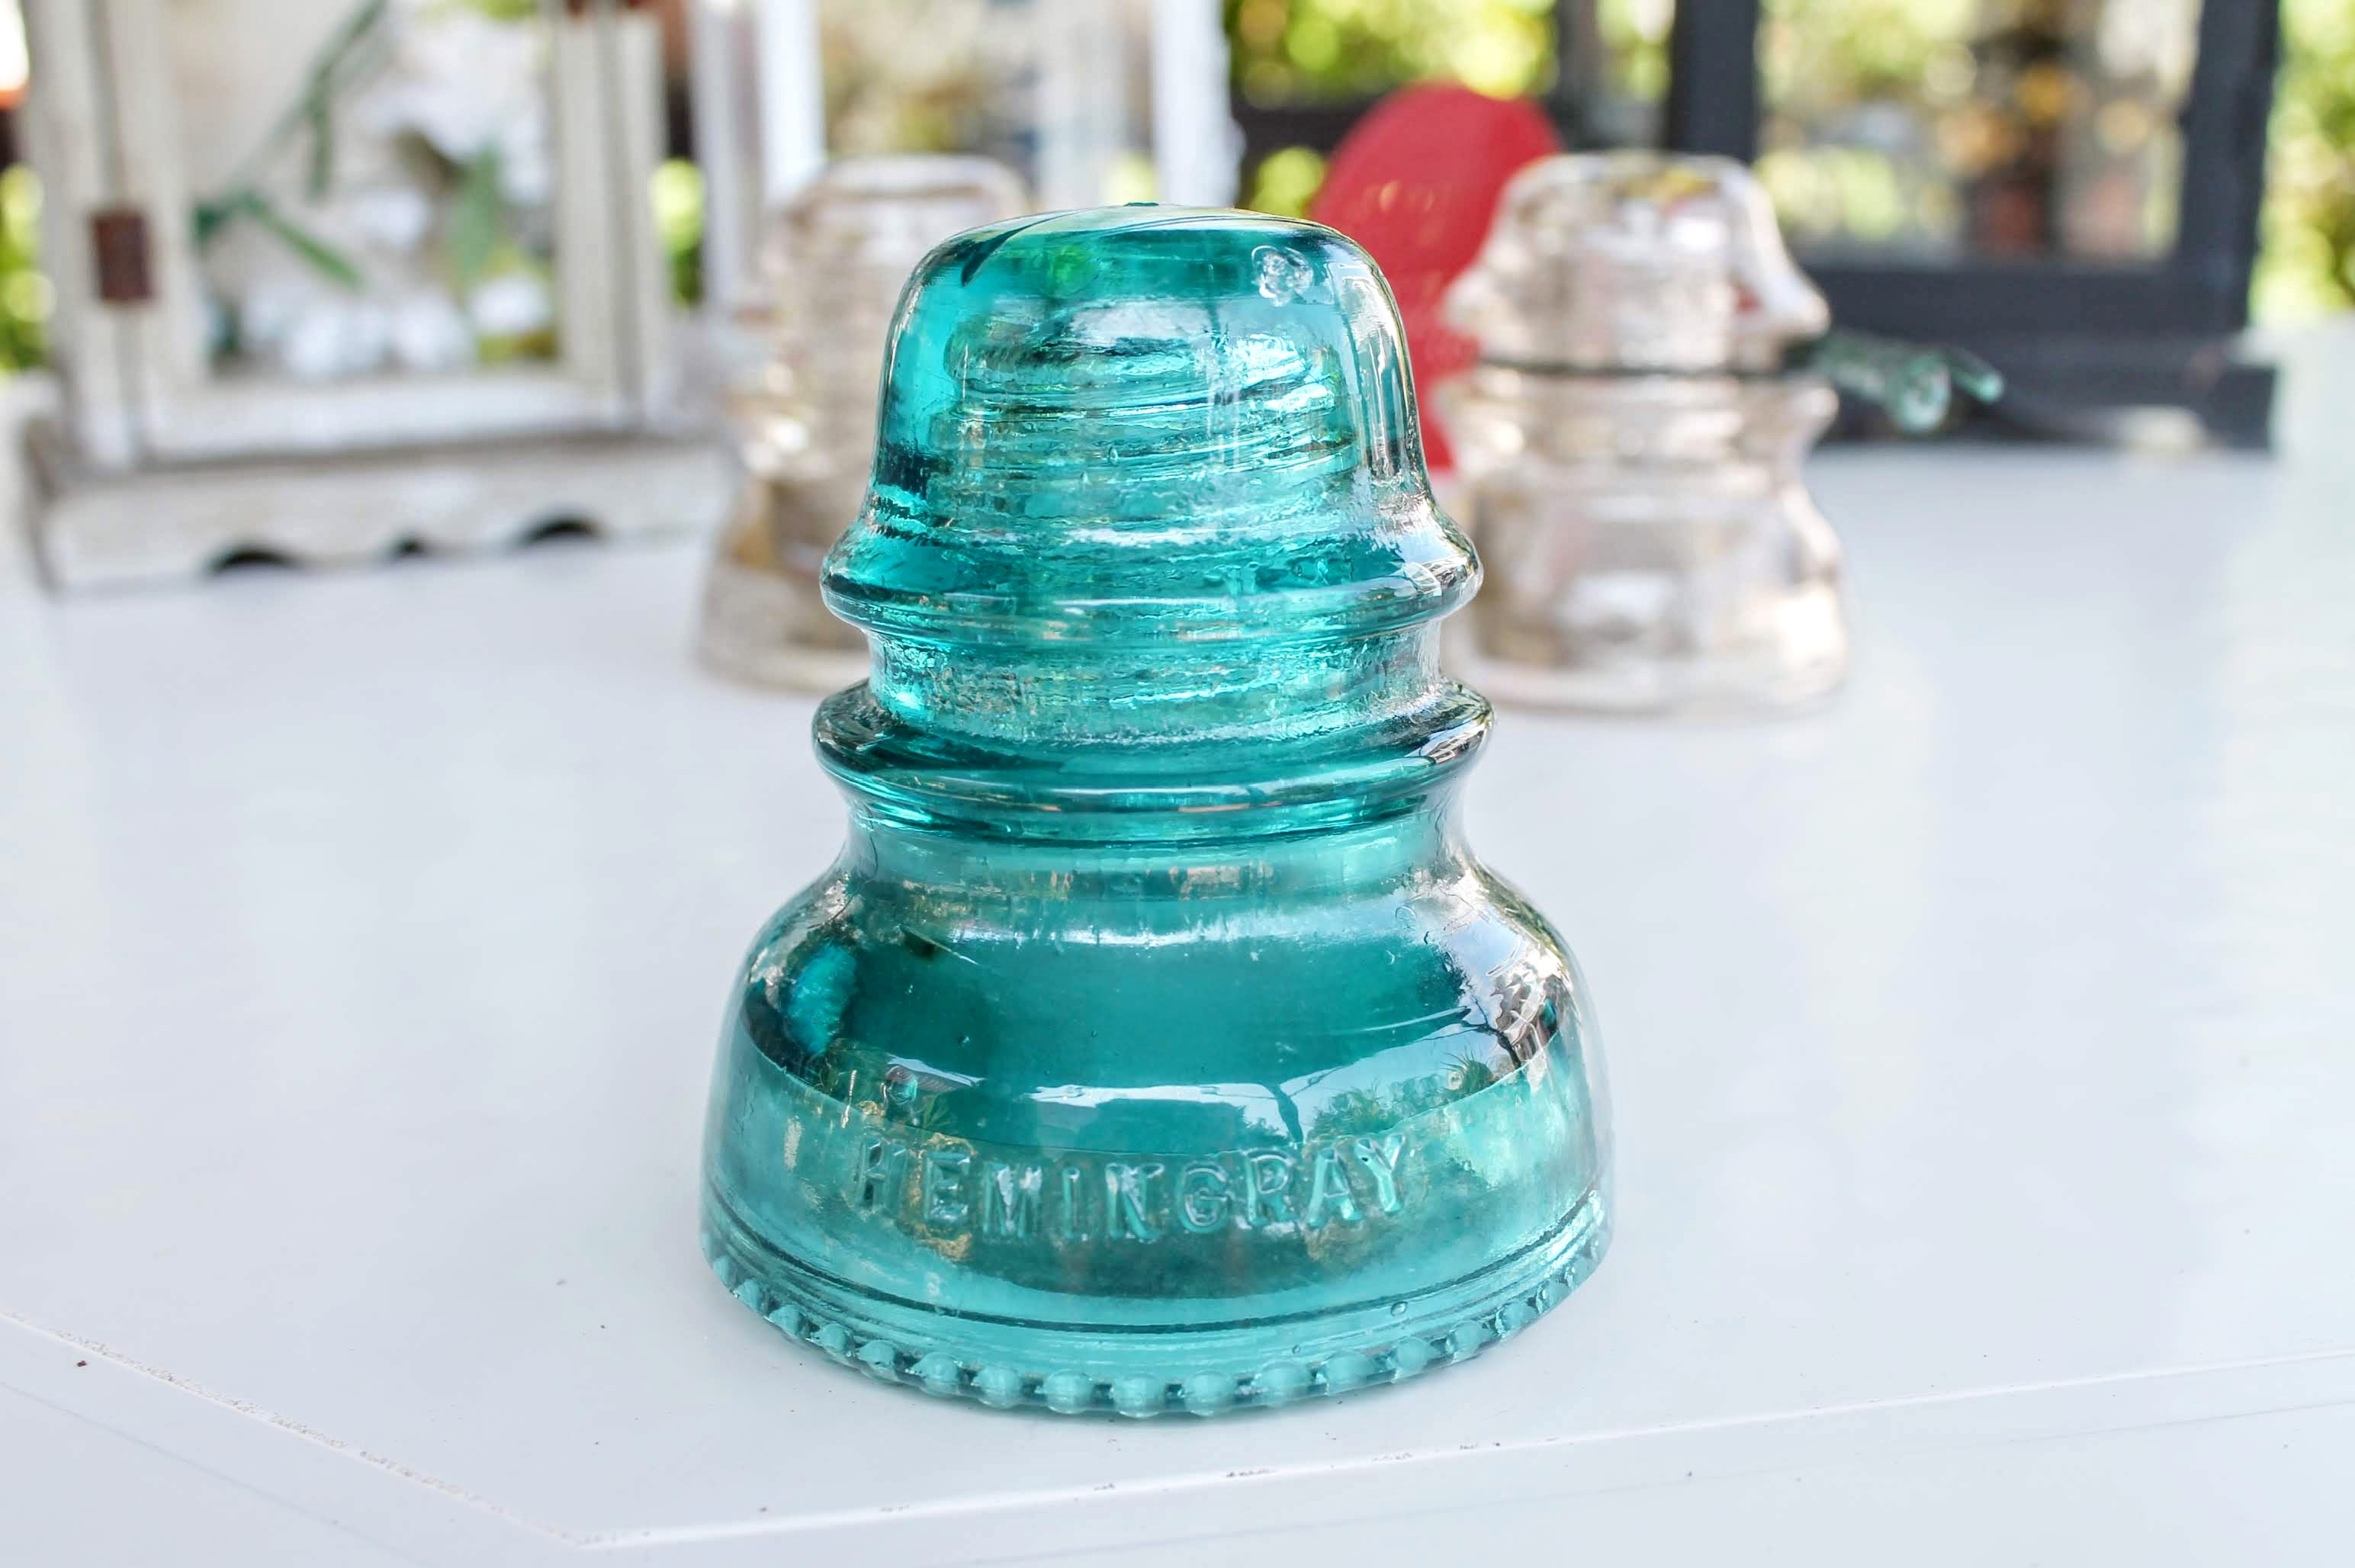 Turquoise No. 40 Hemingray (CD-152).